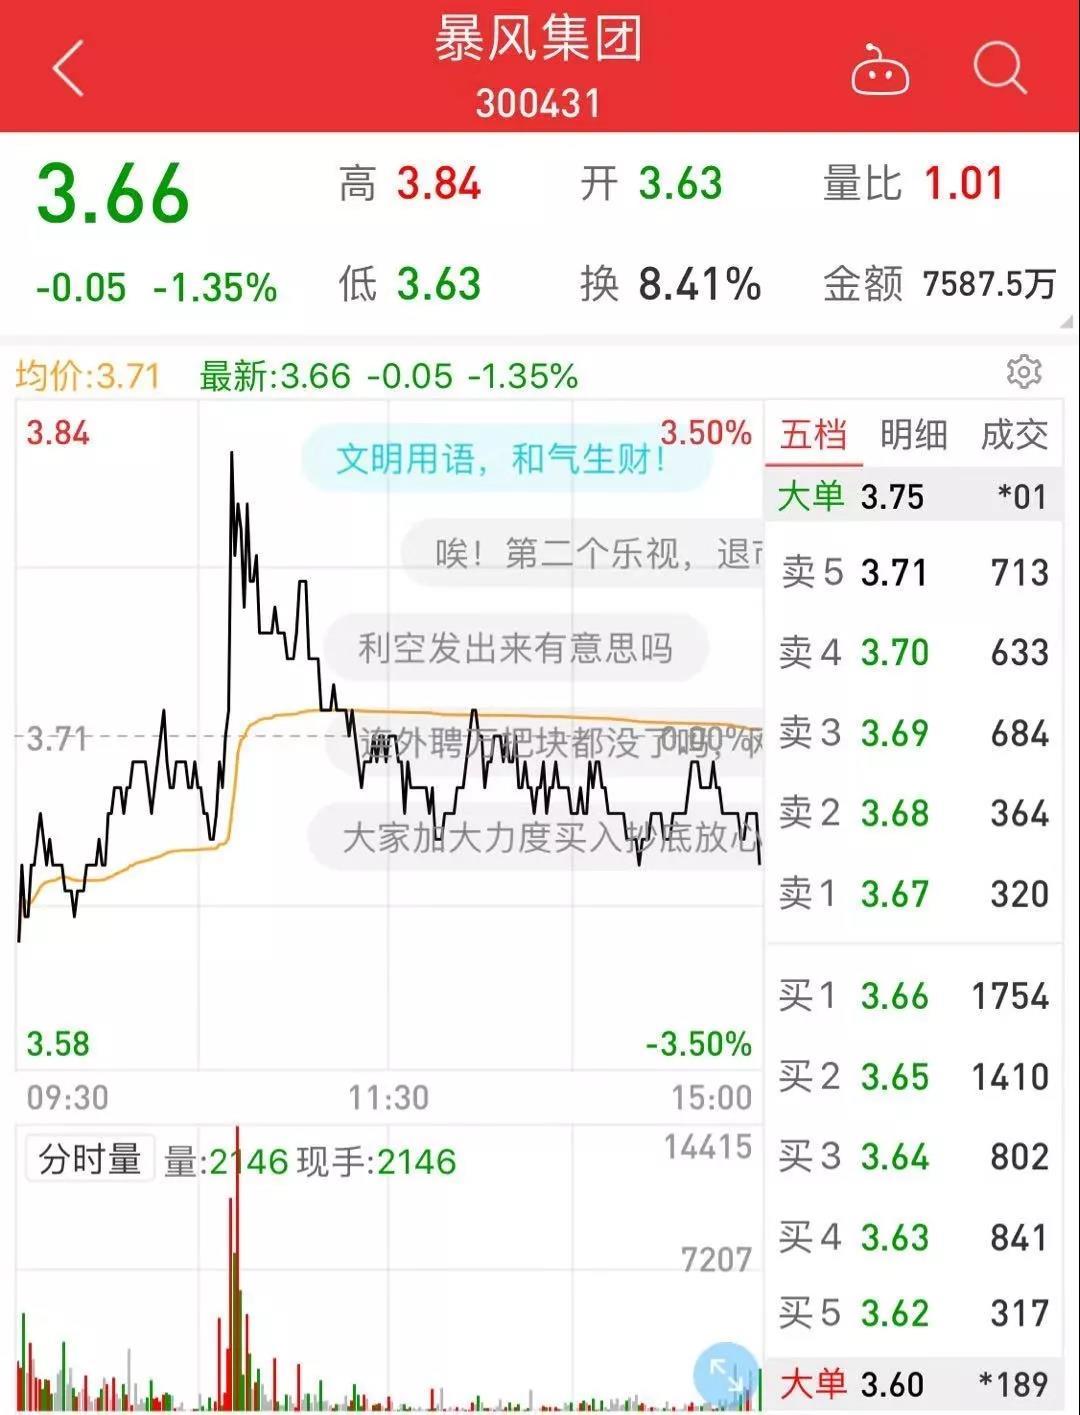 银河网站是什么 - 中国宝武、中石油外部董事调整